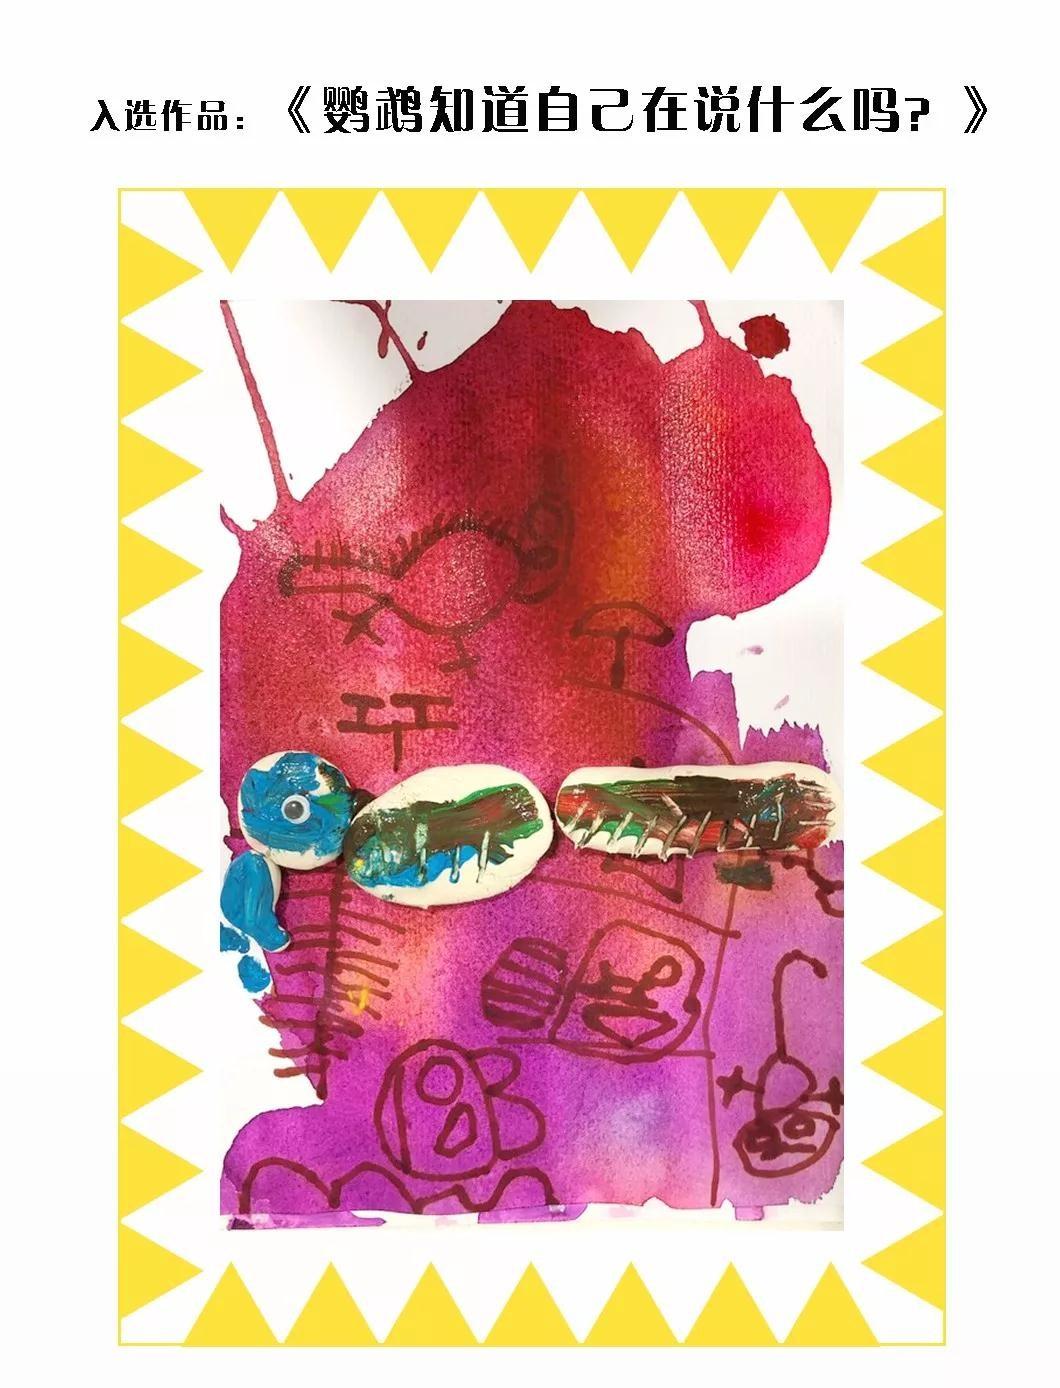 为何选择美术培训作为孩子早教?图教育是怎么培养孩子想象力